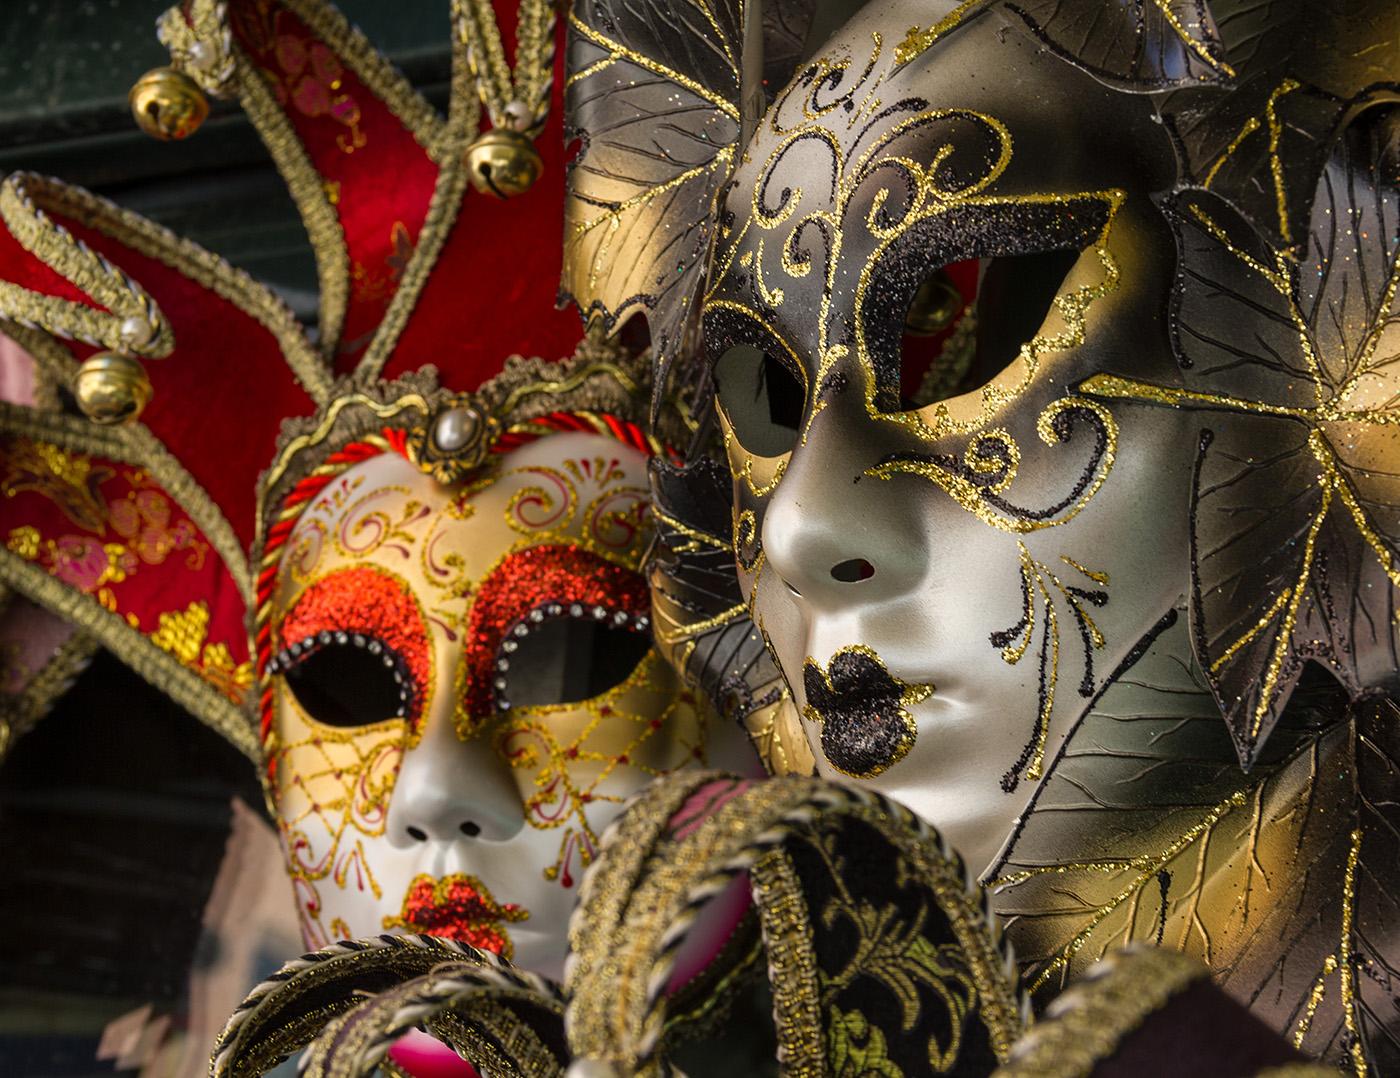 karneval in venedig zwei karneval maske wagrati. Black Bedroom Furniture Sets. Home Design Ideas